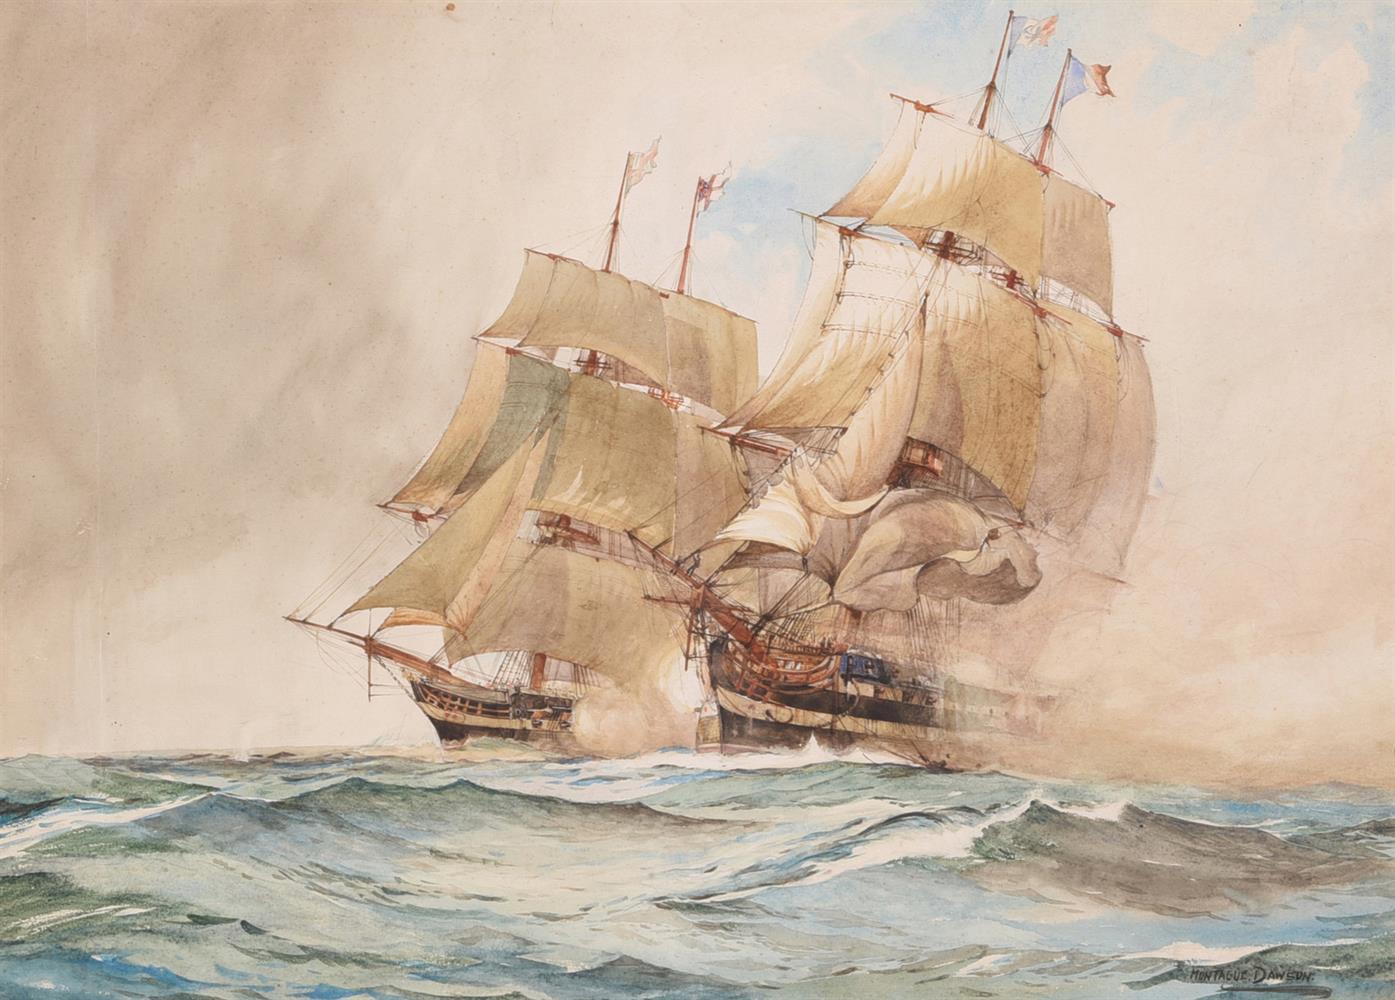 λ MONTAGUE DAWSON (BRITISH 1890-1973), A NAVAL ENGAGEMENT - Image 2 of 2